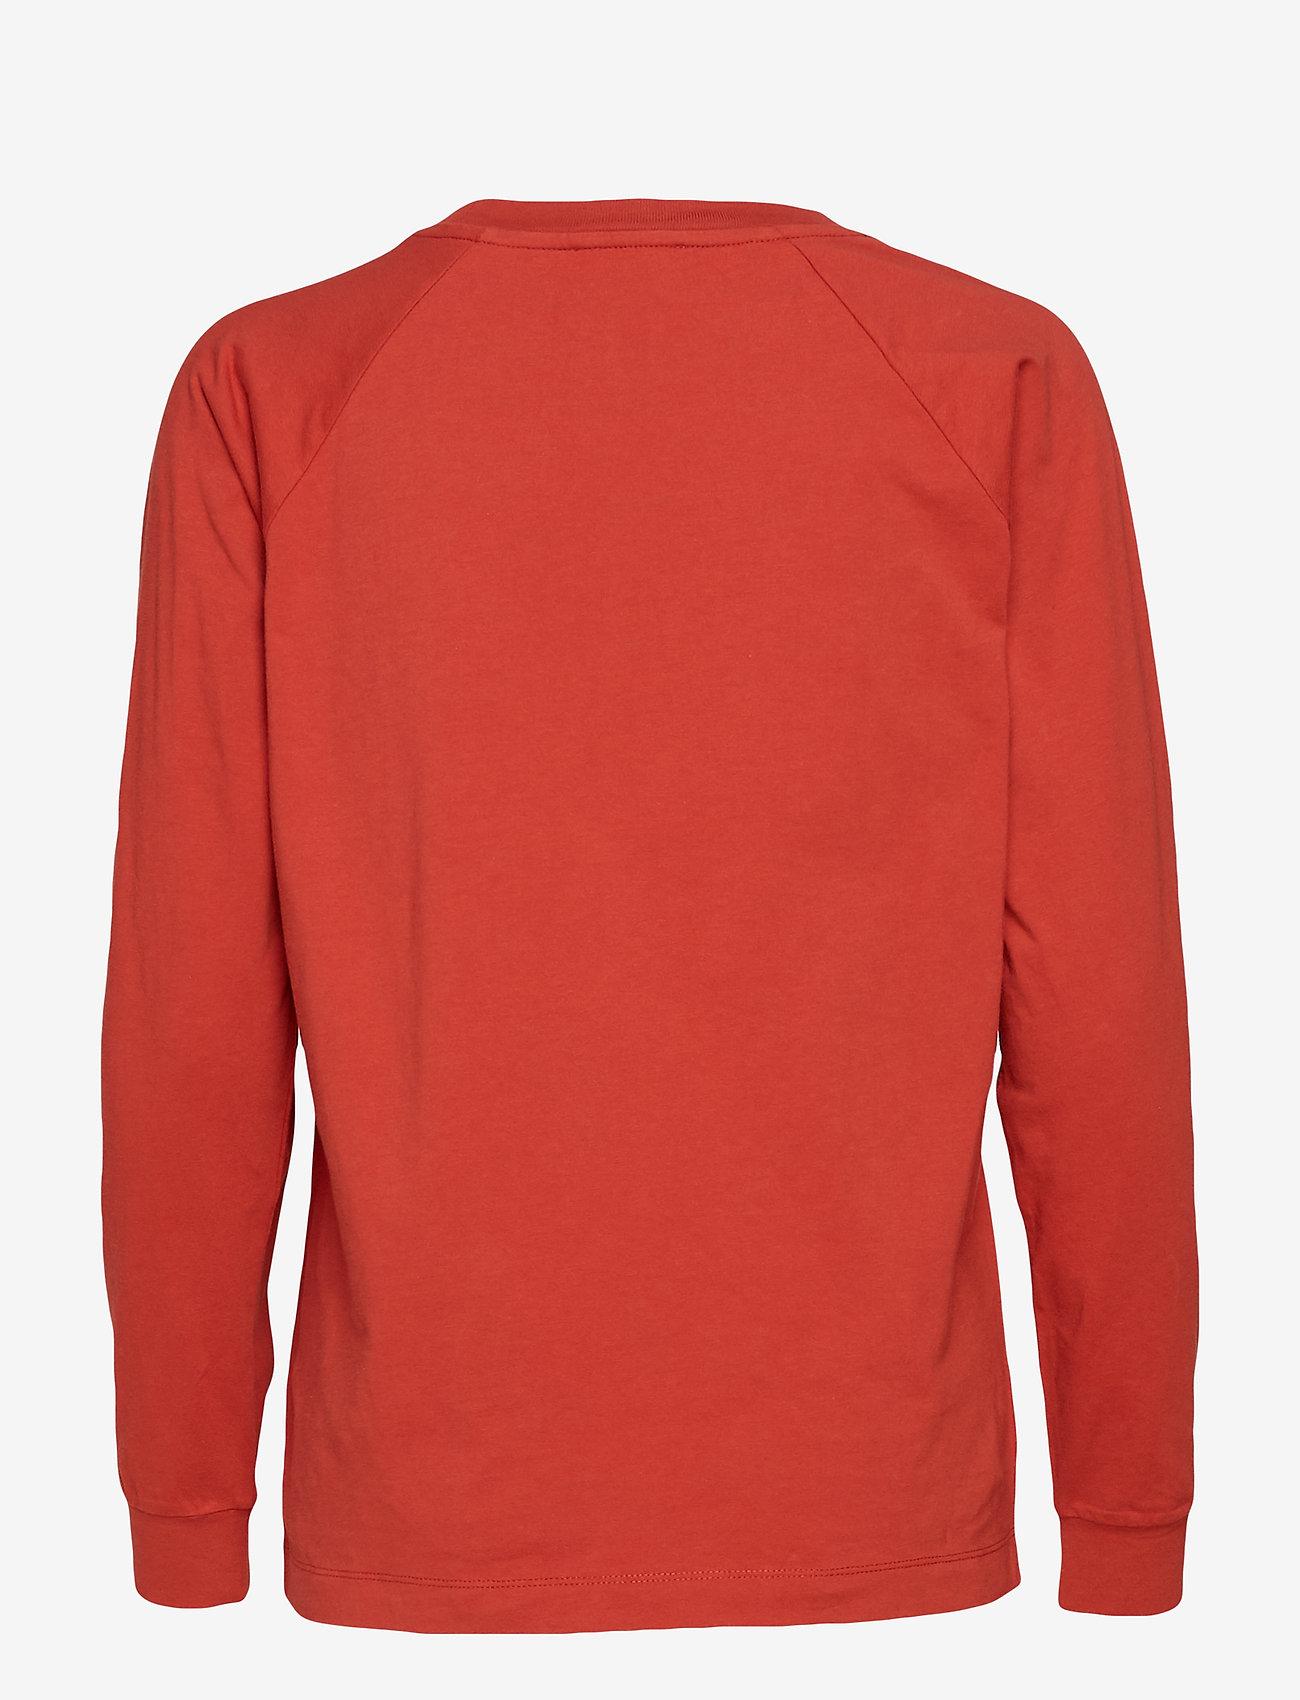 Wood Wood - Han long sleeve - sweatshirts - rust